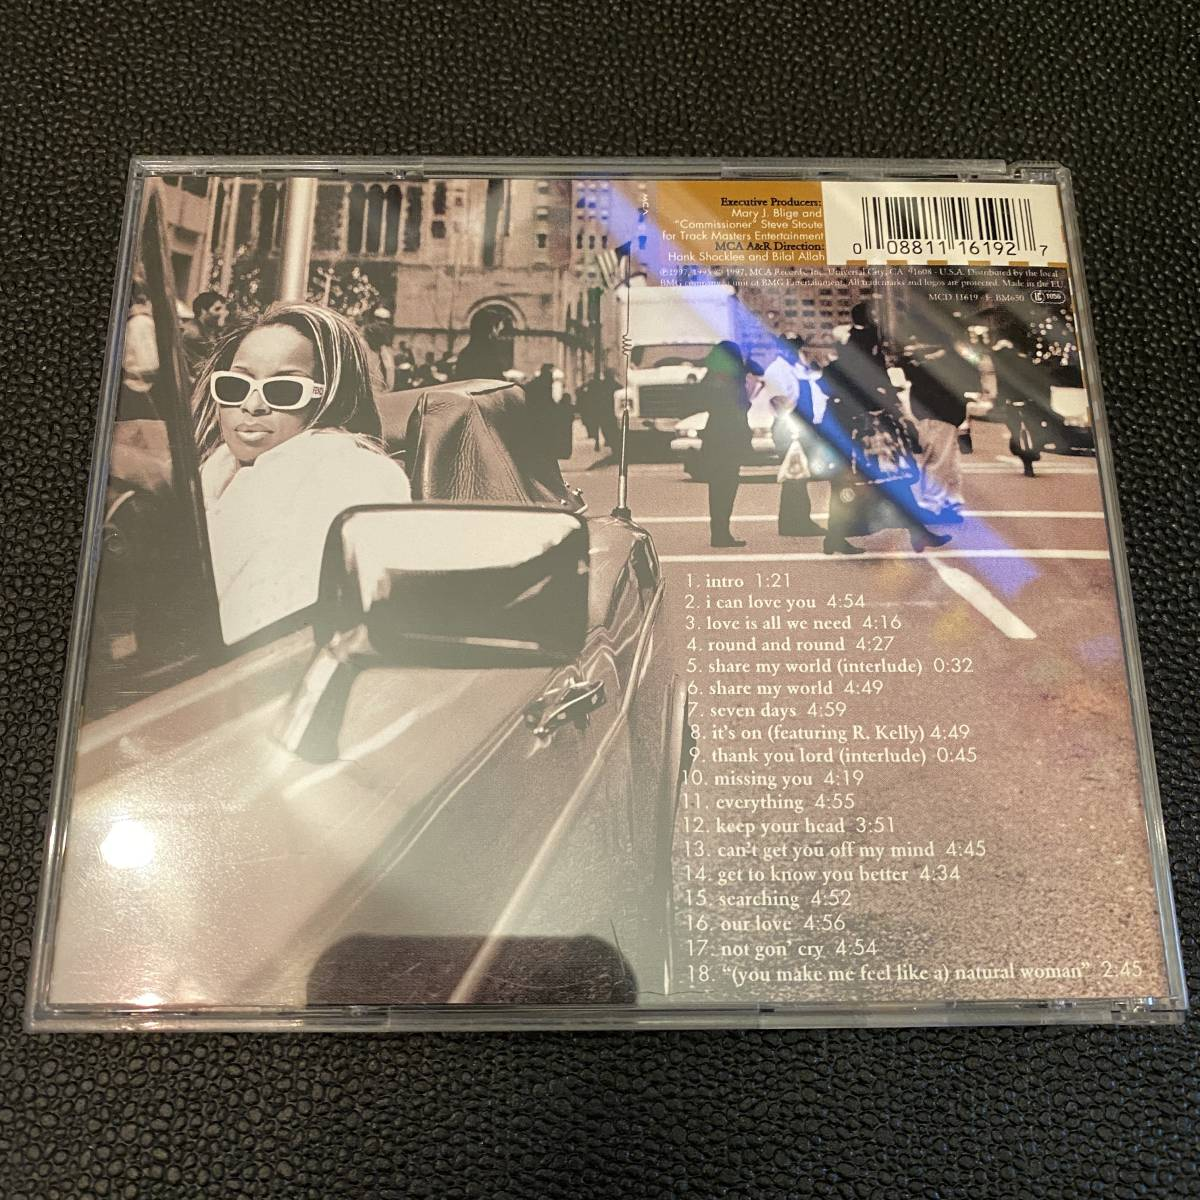 洋楽CD ★ メアリー・J.ブライジ / シェア・マイ・ワールド ★ Mary J. Blige / Share My World